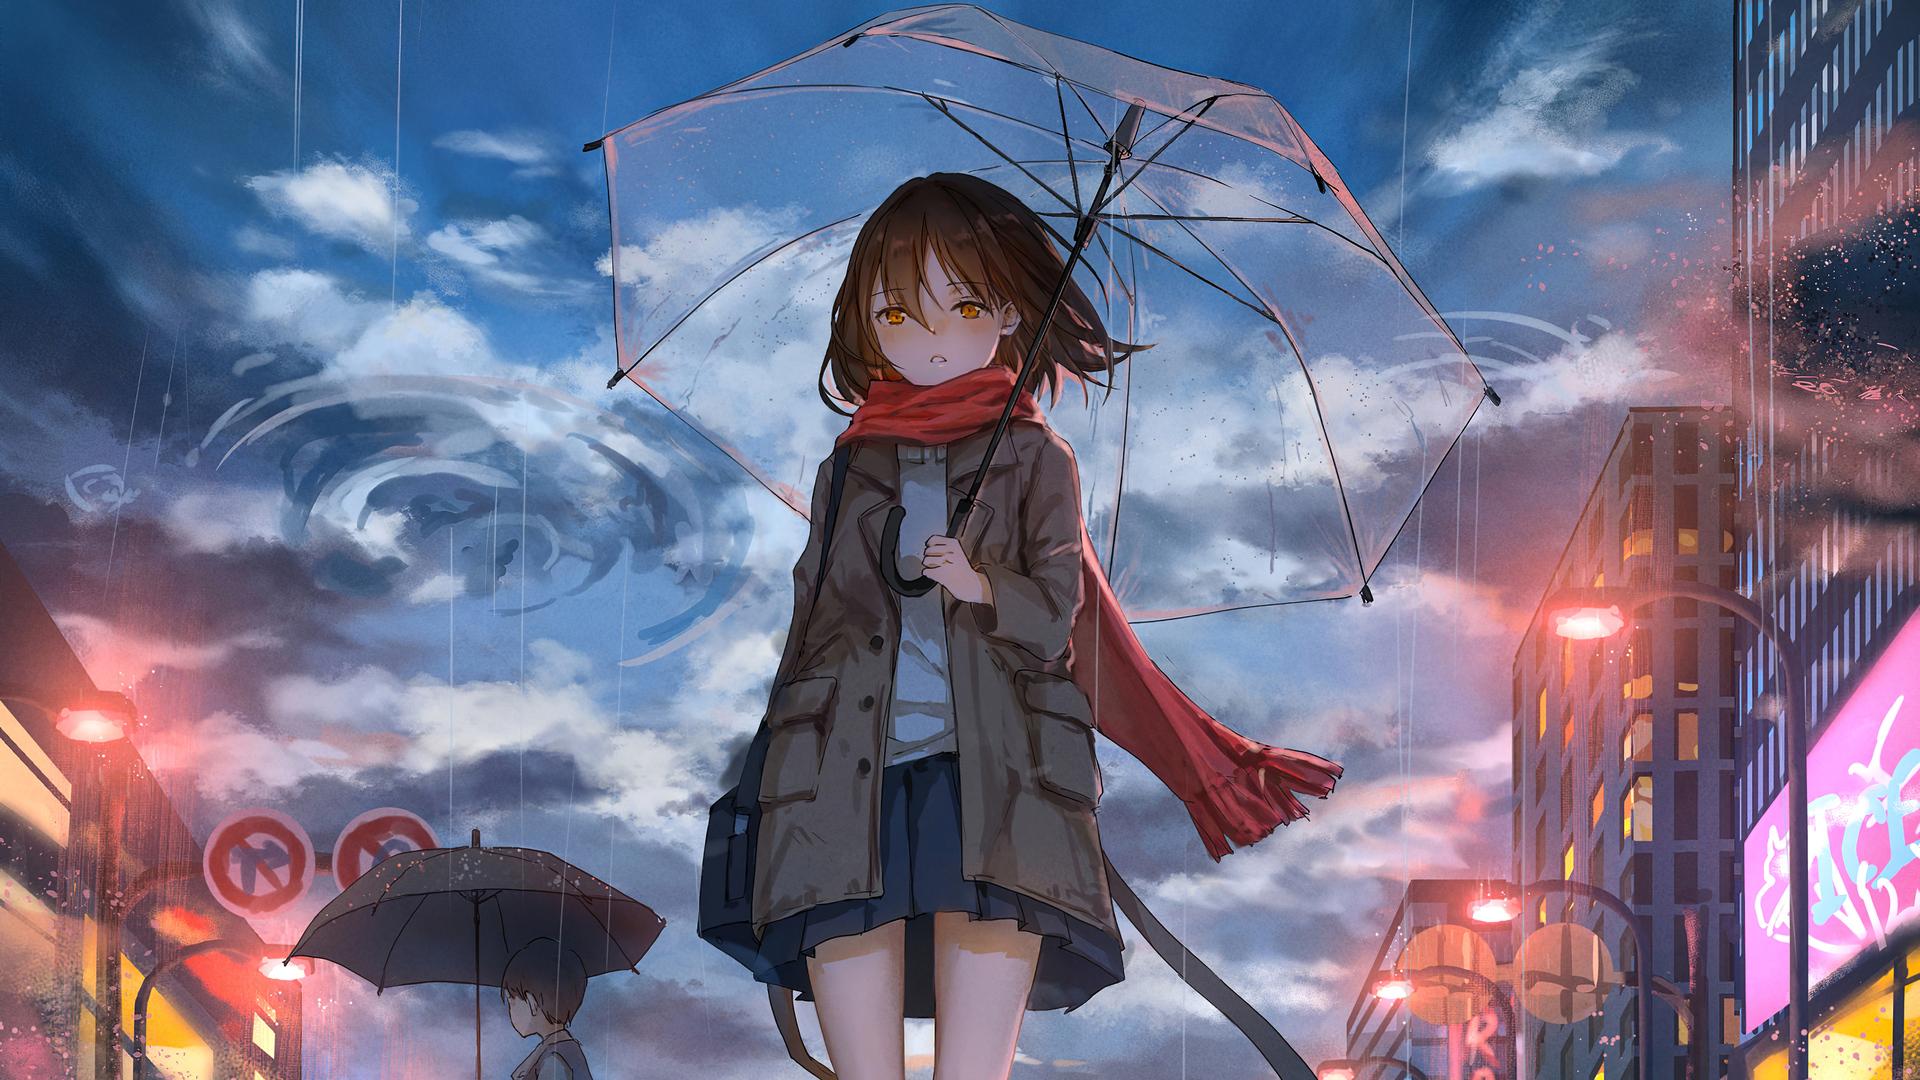 1920x1080 Anime Girl Walking In Rain With Umbrella 4k ...